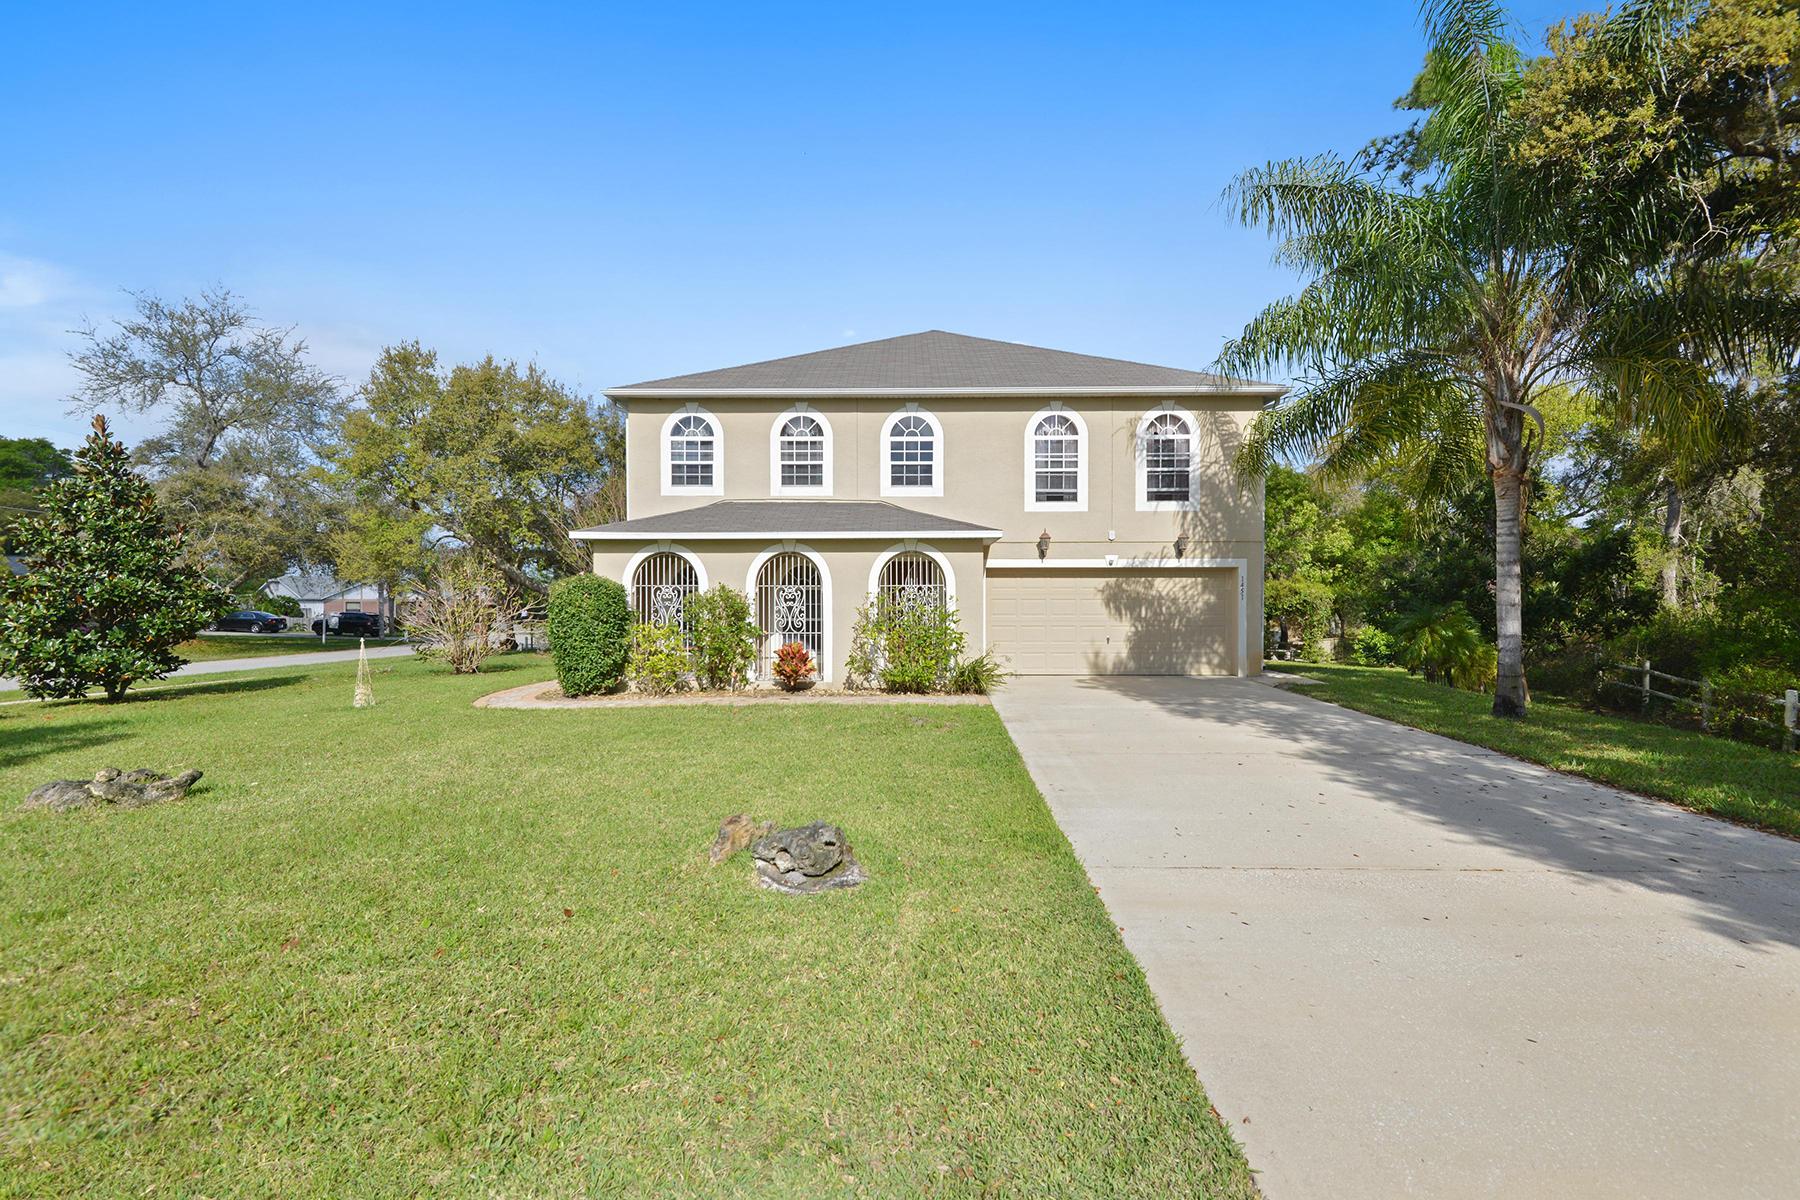 Einfamilienhaus für Verkauf beim ORLANDO - DELTONA 1451 Baxley Ct Deltona, Florida, 32738 Vereinigte Staaten